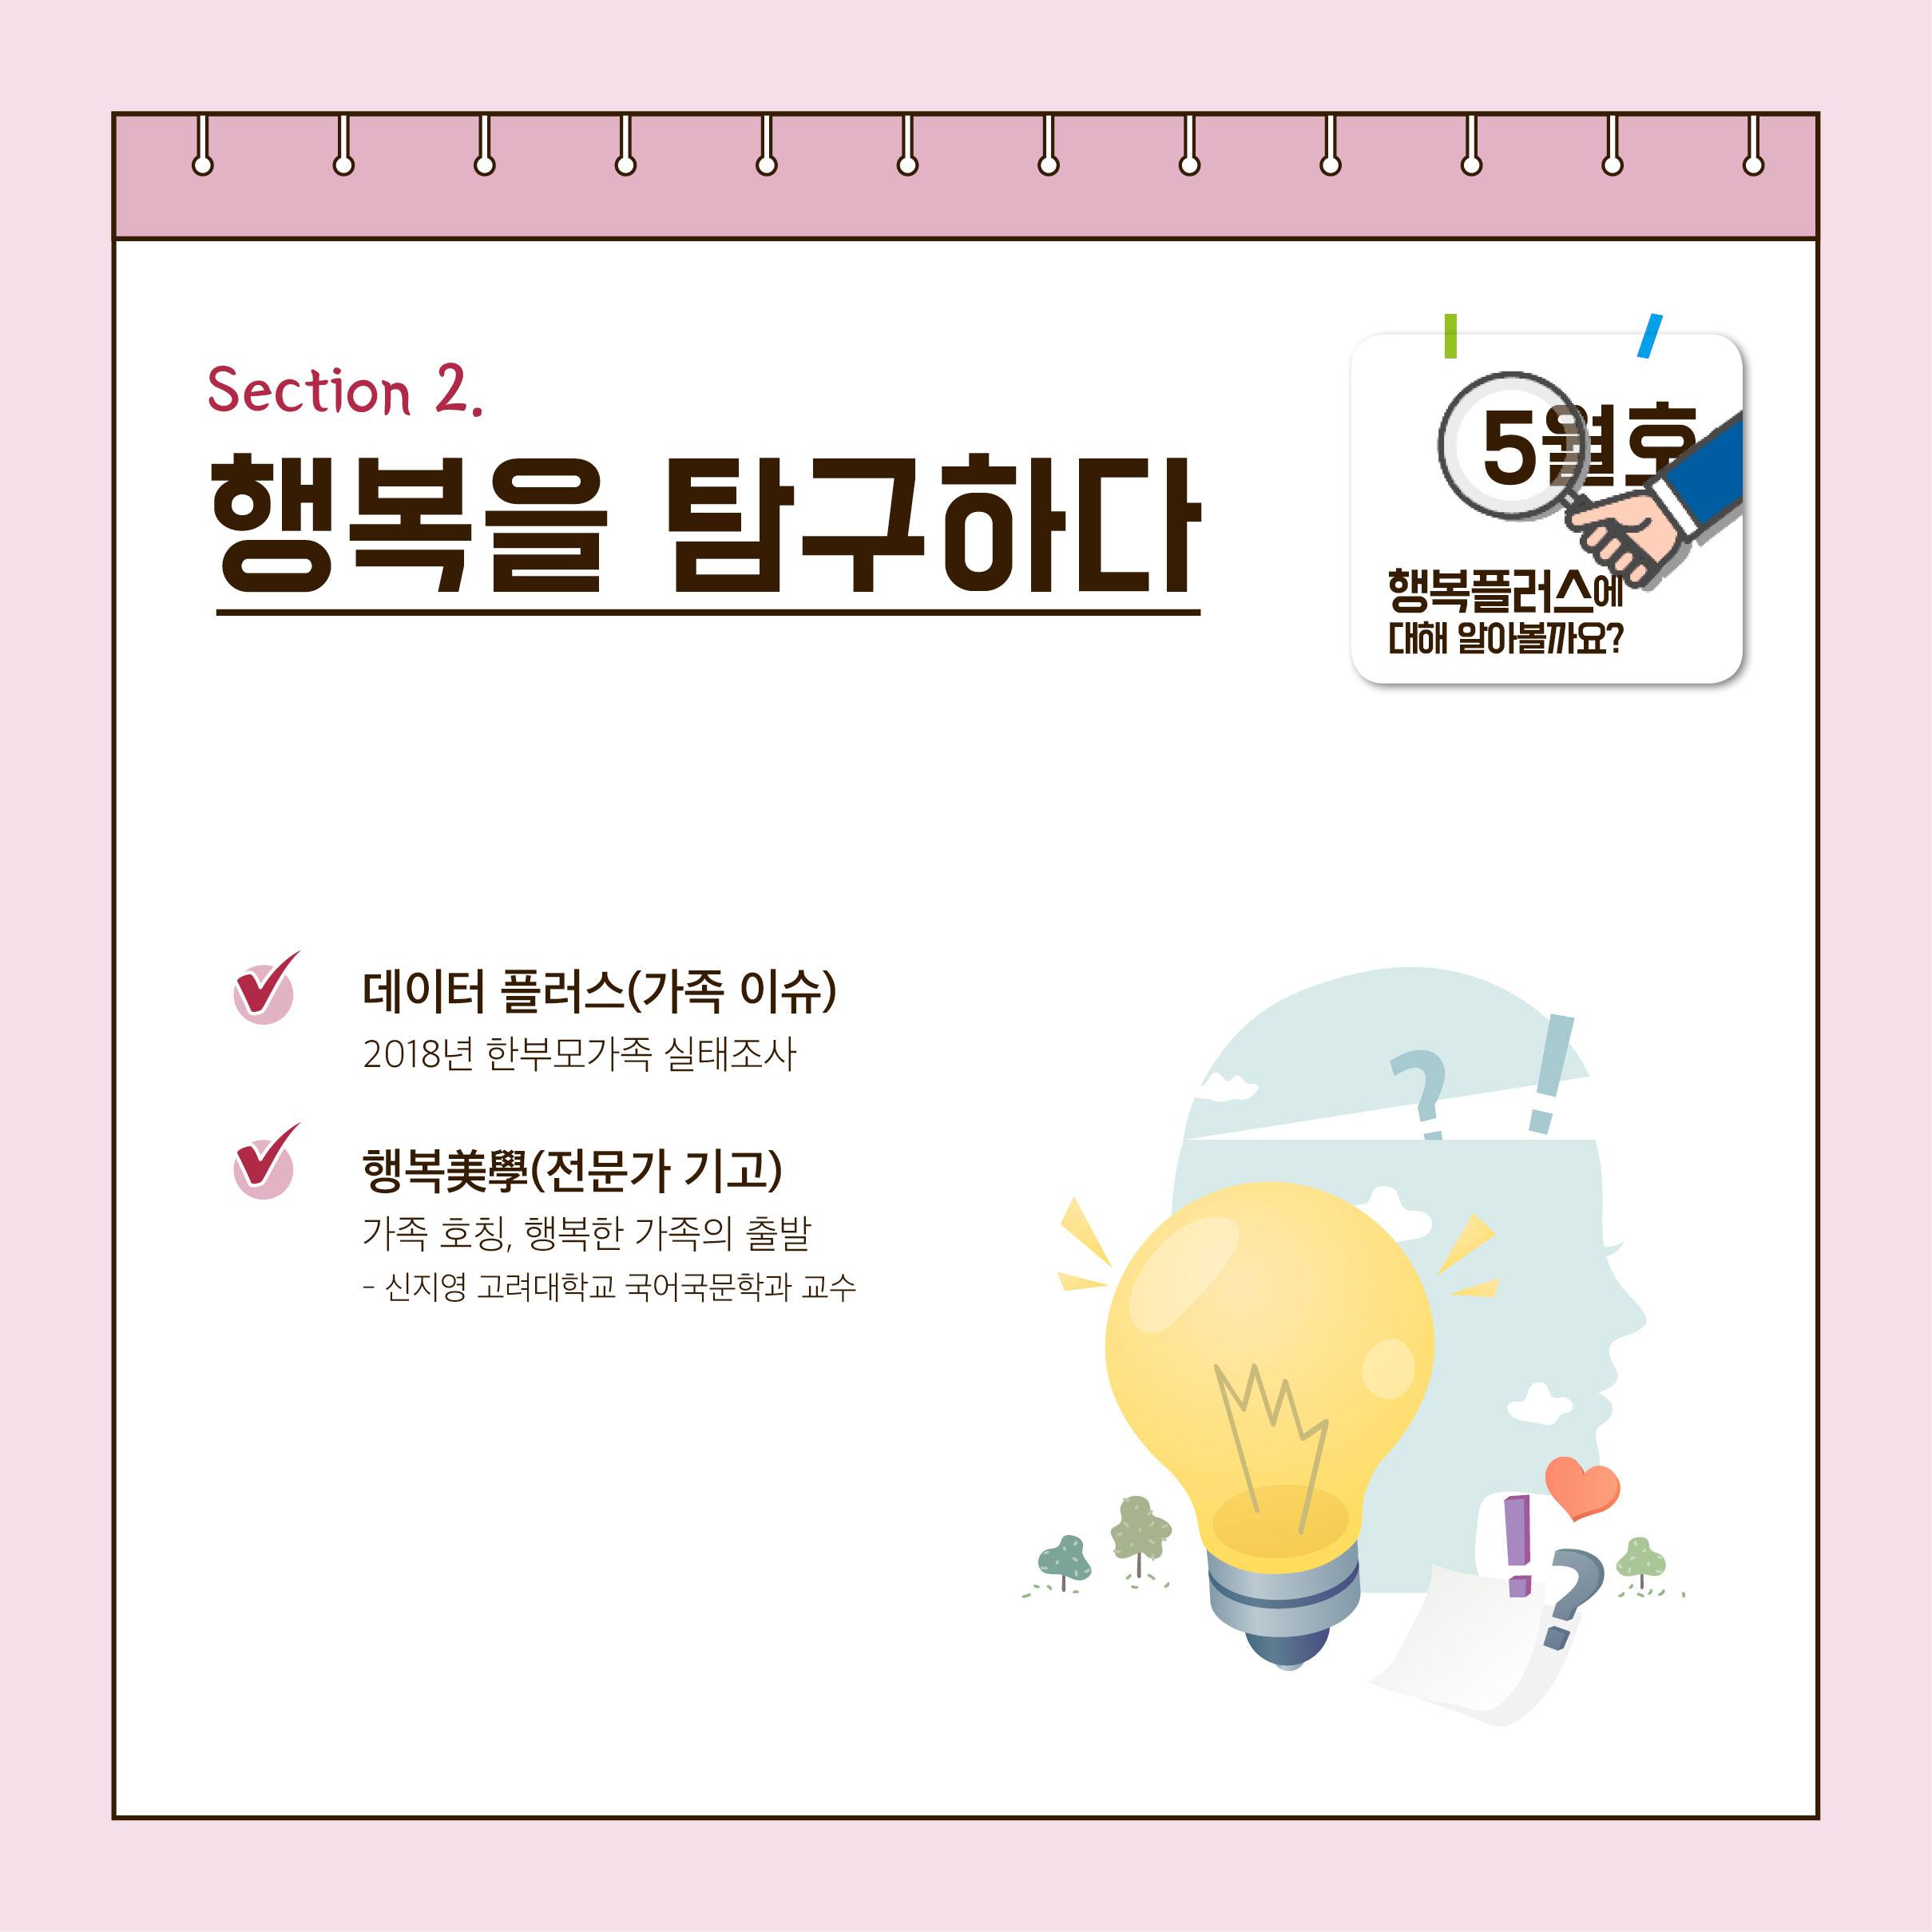 [카드뉴스] 행복플러스 2019년 5월호 발간_4